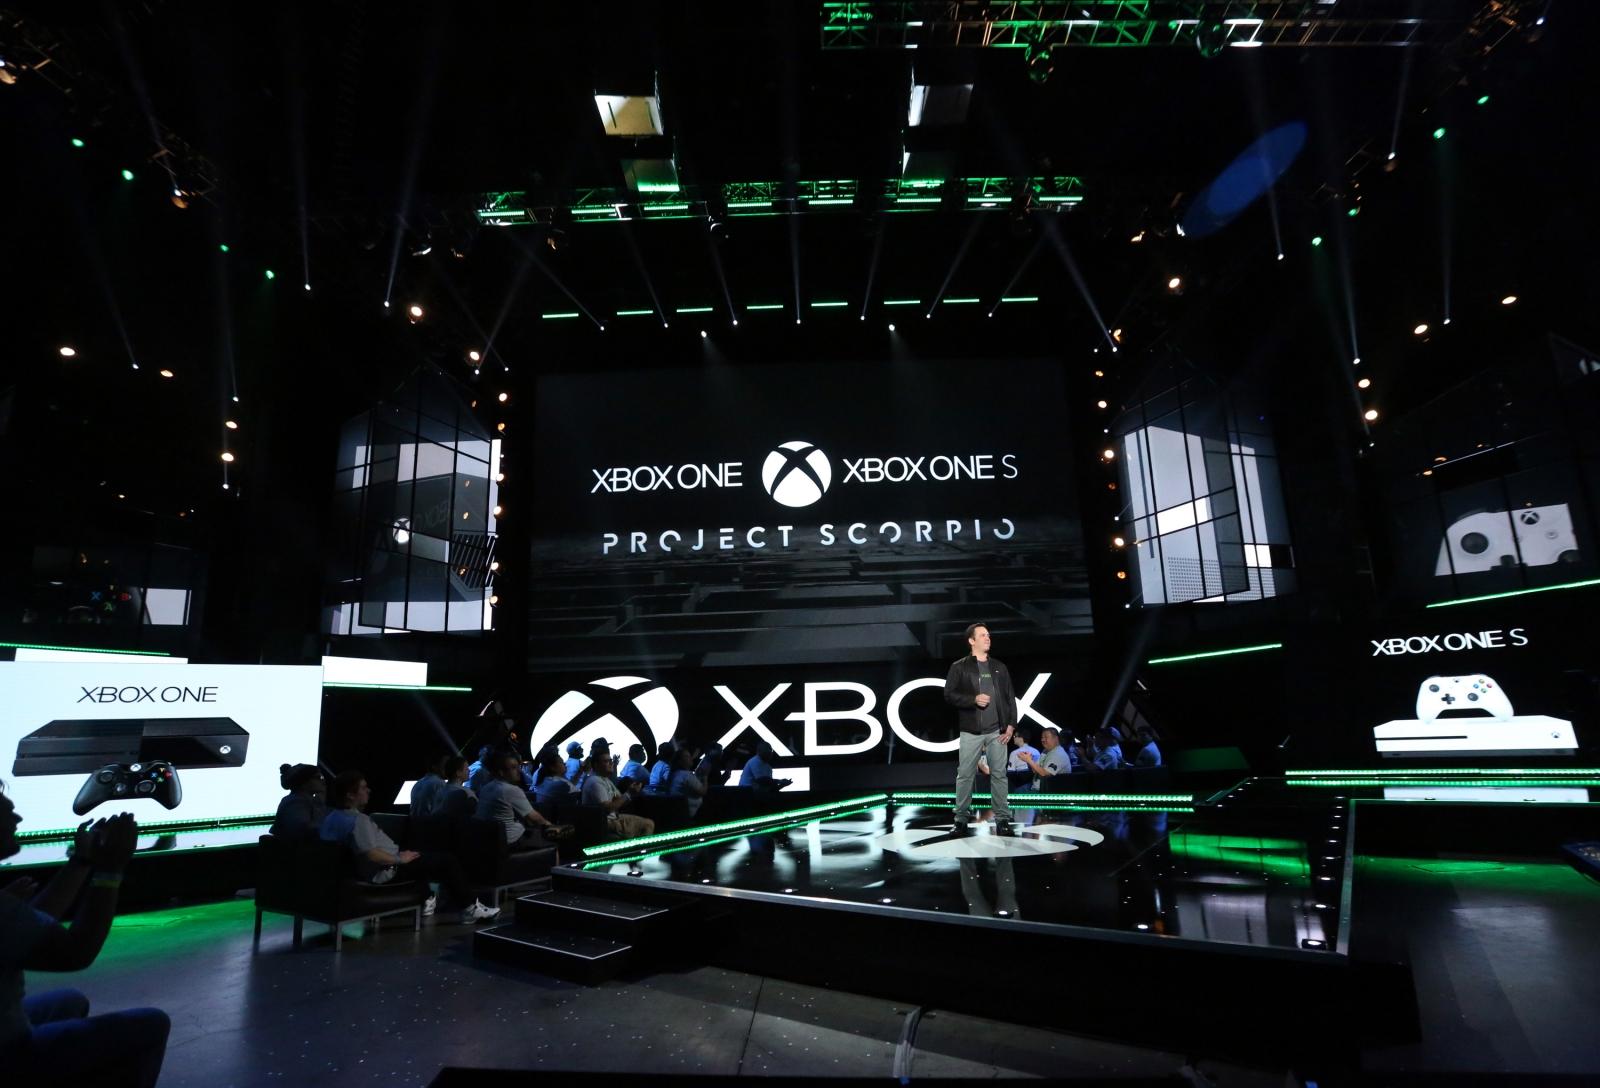 Xbox One S Scorpio E3 2016